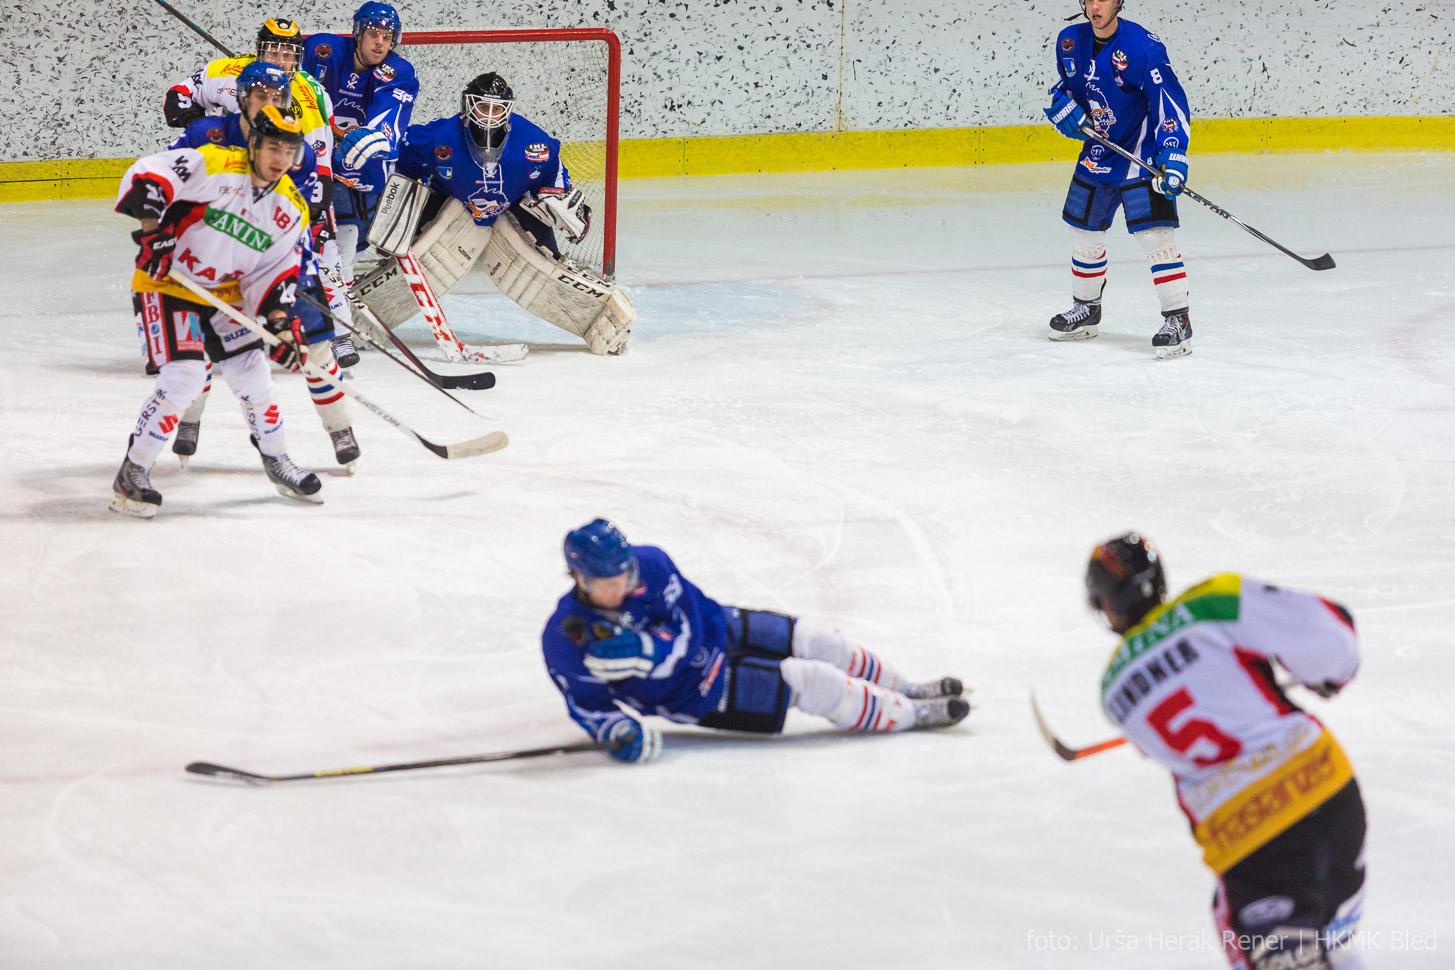 HKMK Bled vs. VEU Feldkirch